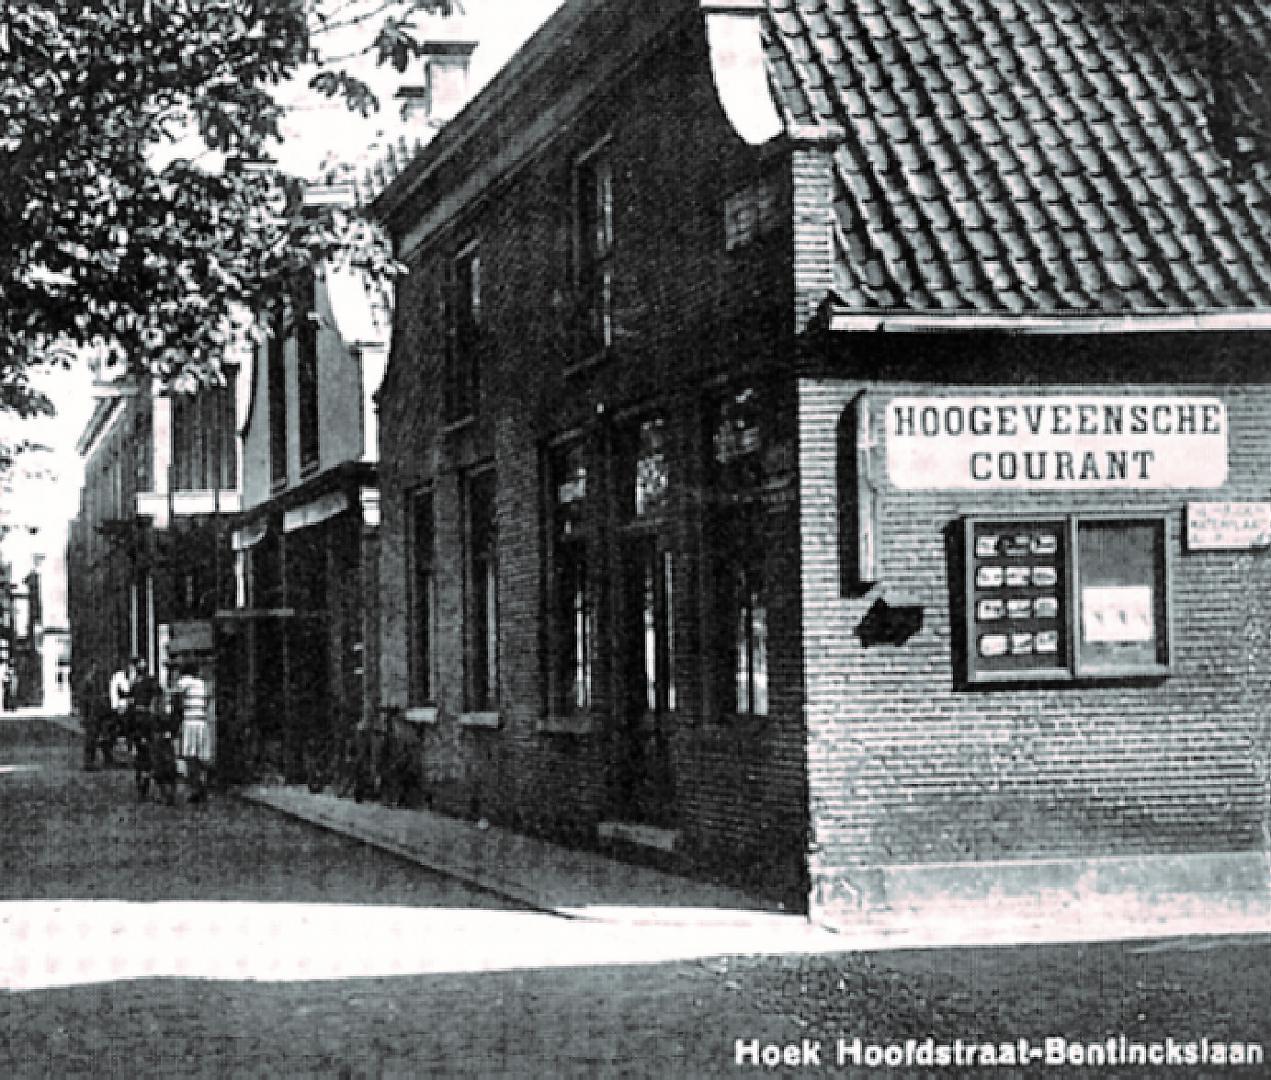 Hoofdstraat 83,85,87, Hoogeveen